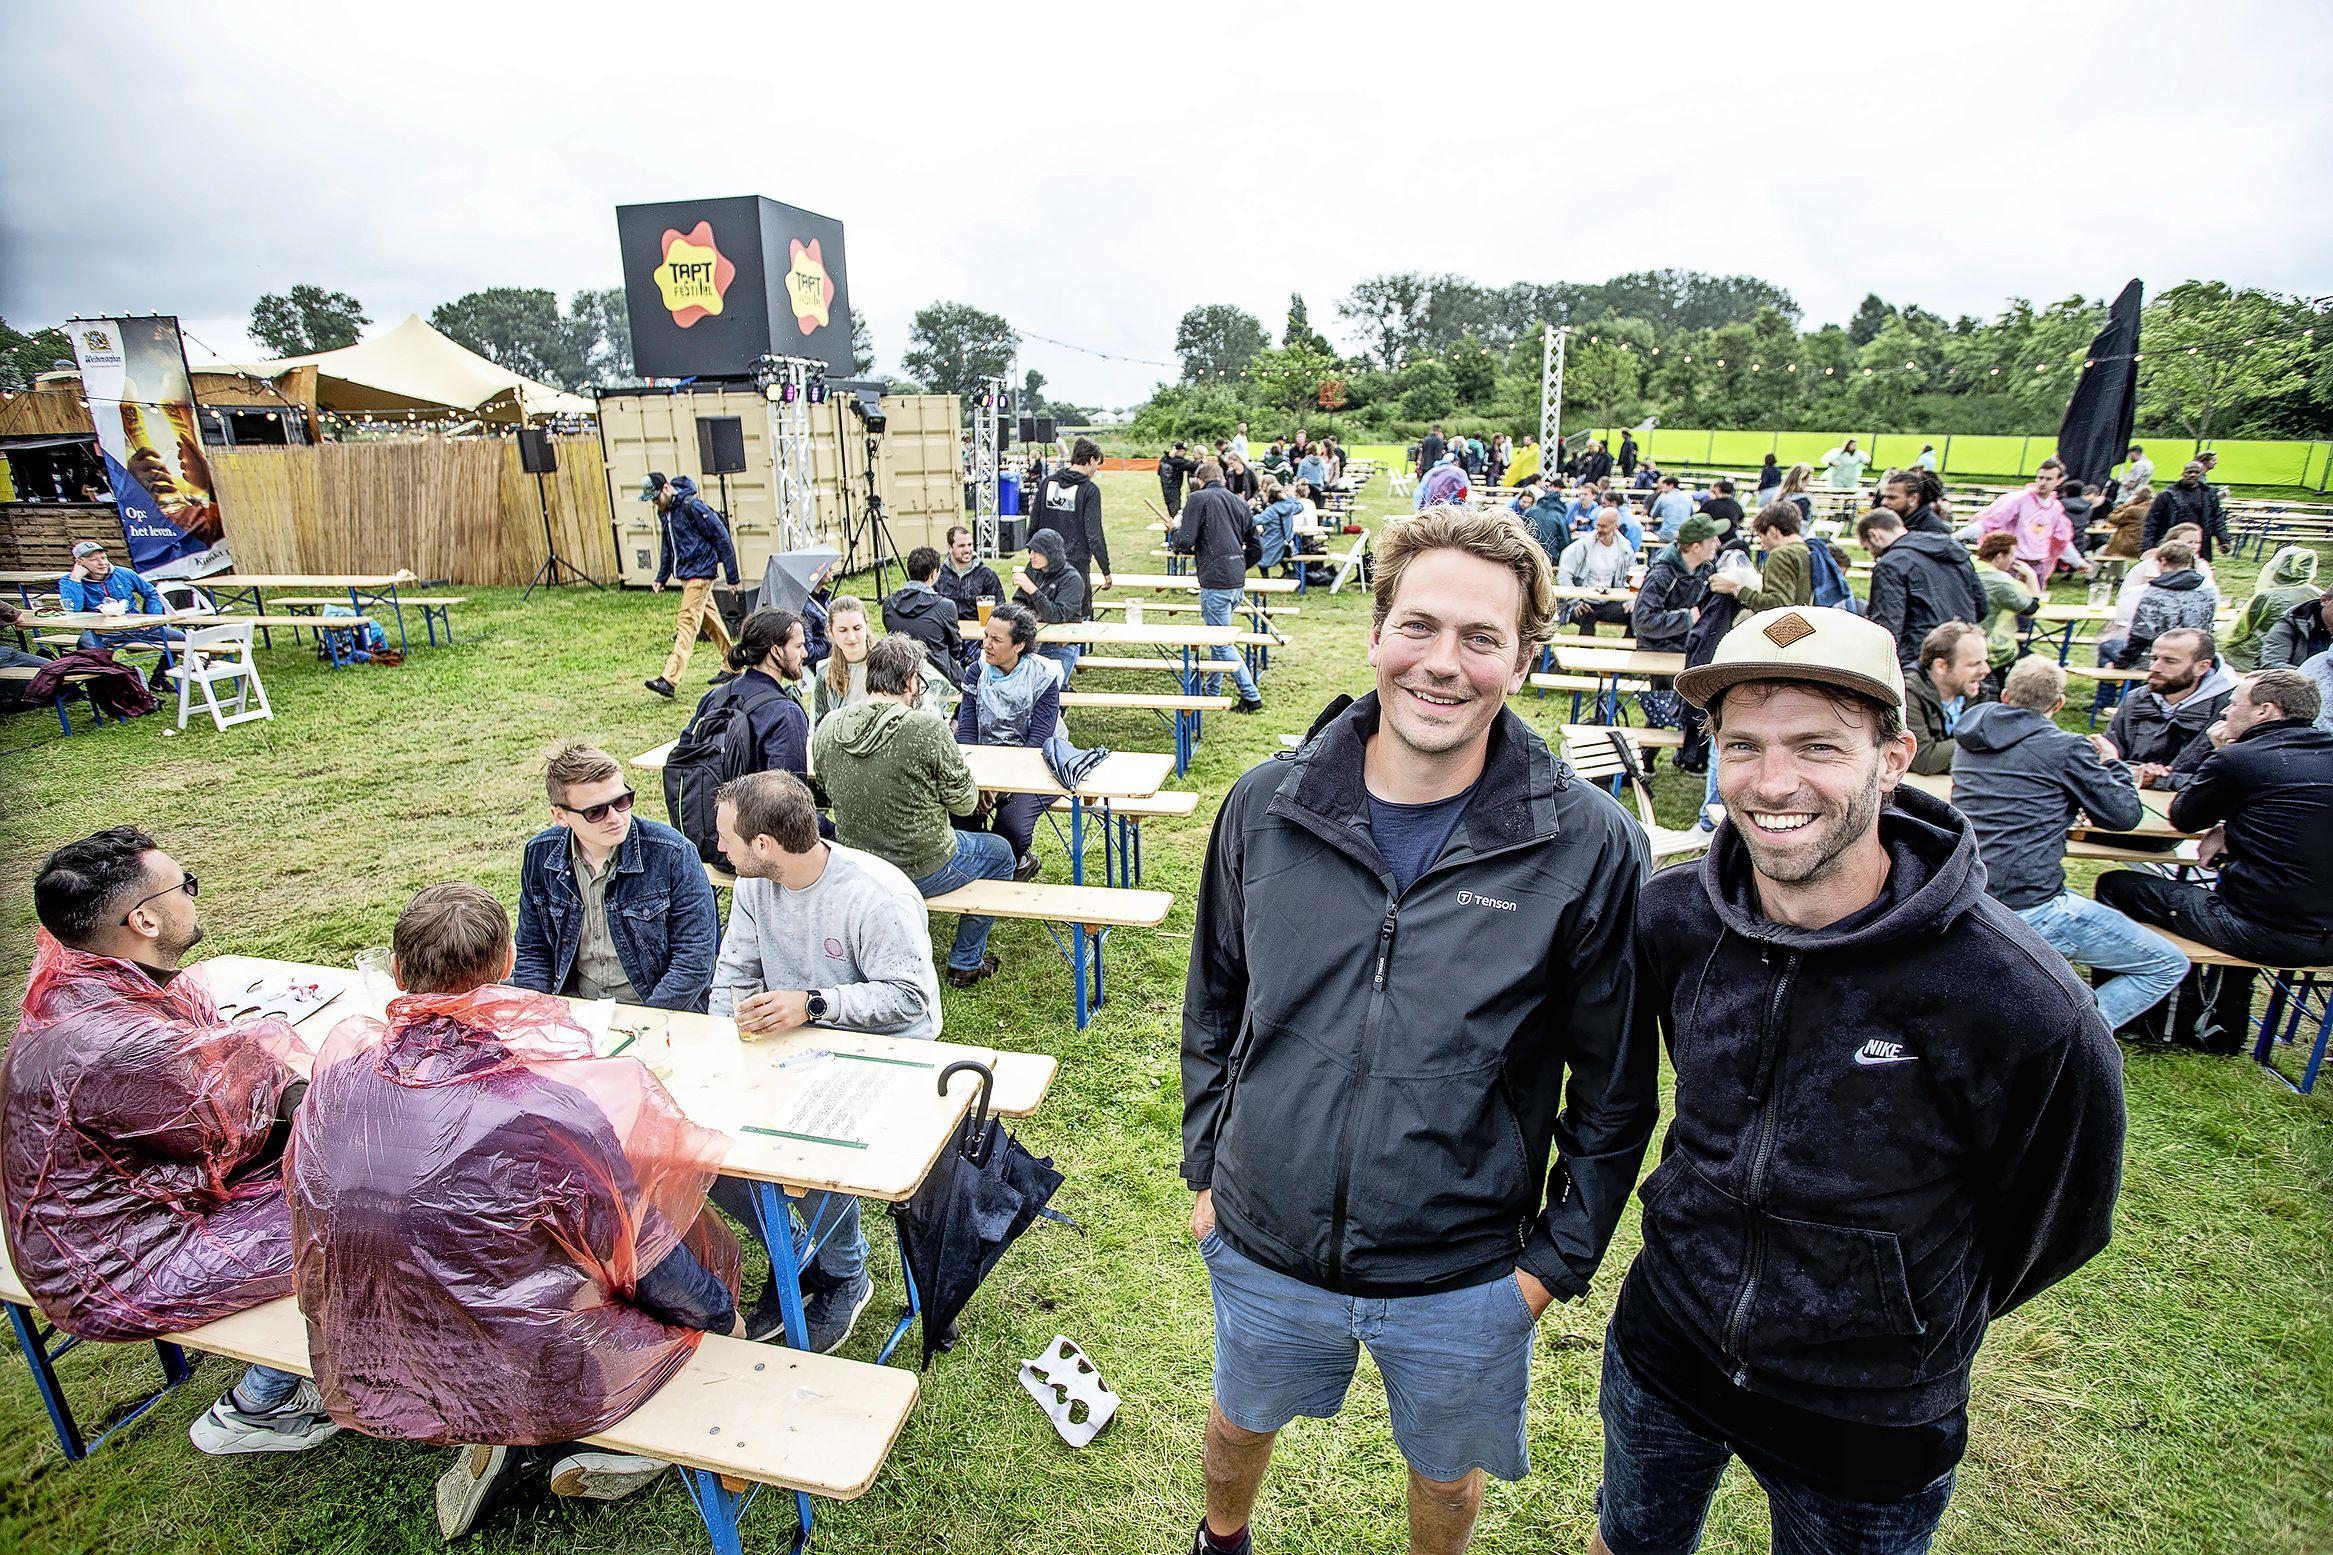 Drink ik een Klapgijp of een Zeeschuimer? Bij Bierfestival Haarlem Tapt gaat het allemaal net even anders